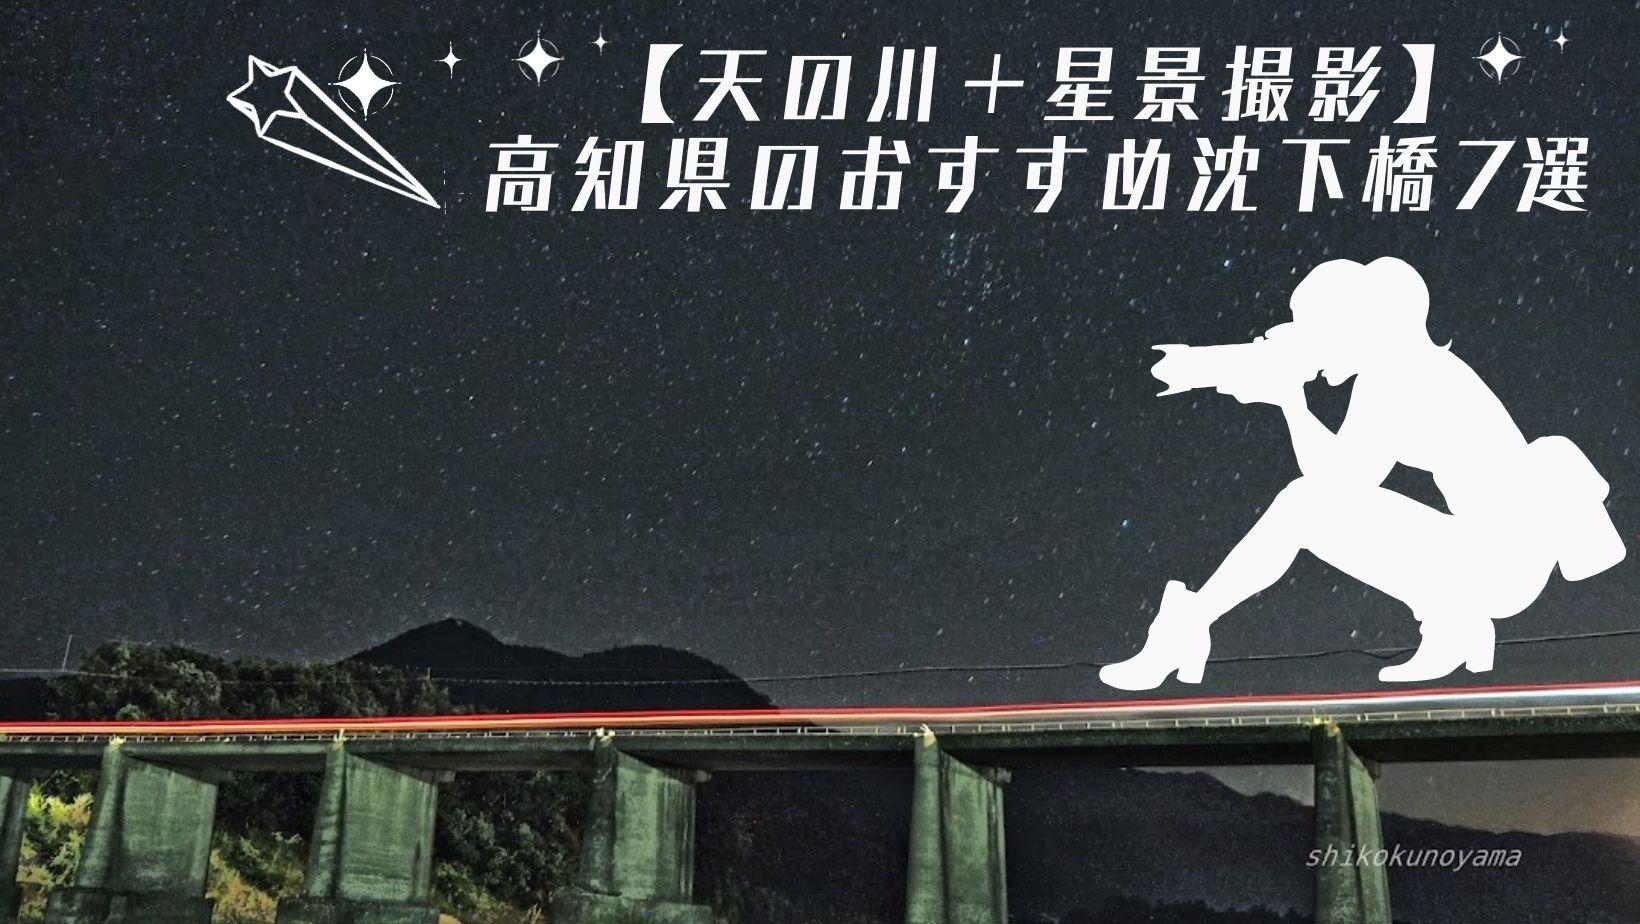 【天の川+星景撮影】 高知県のおすすめ沈下橋7選